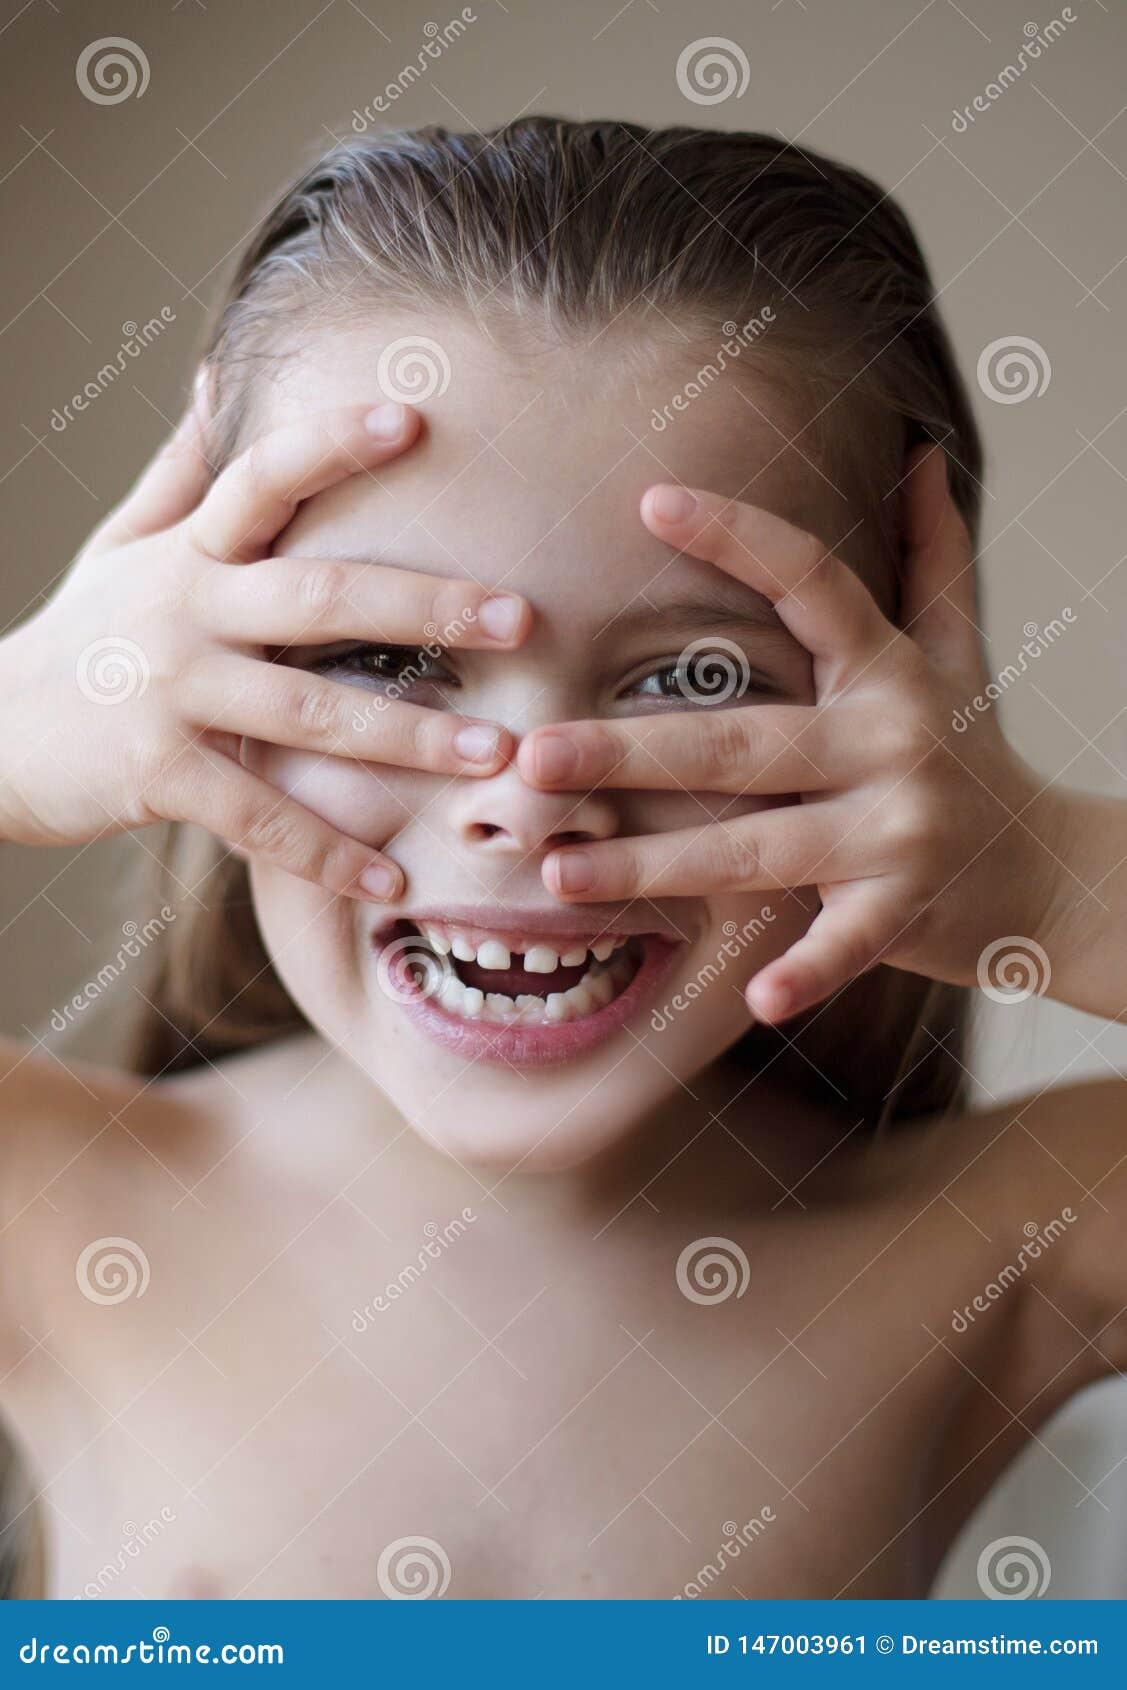 Ничего выделяет красоту лучшую чем шикарная улыбка